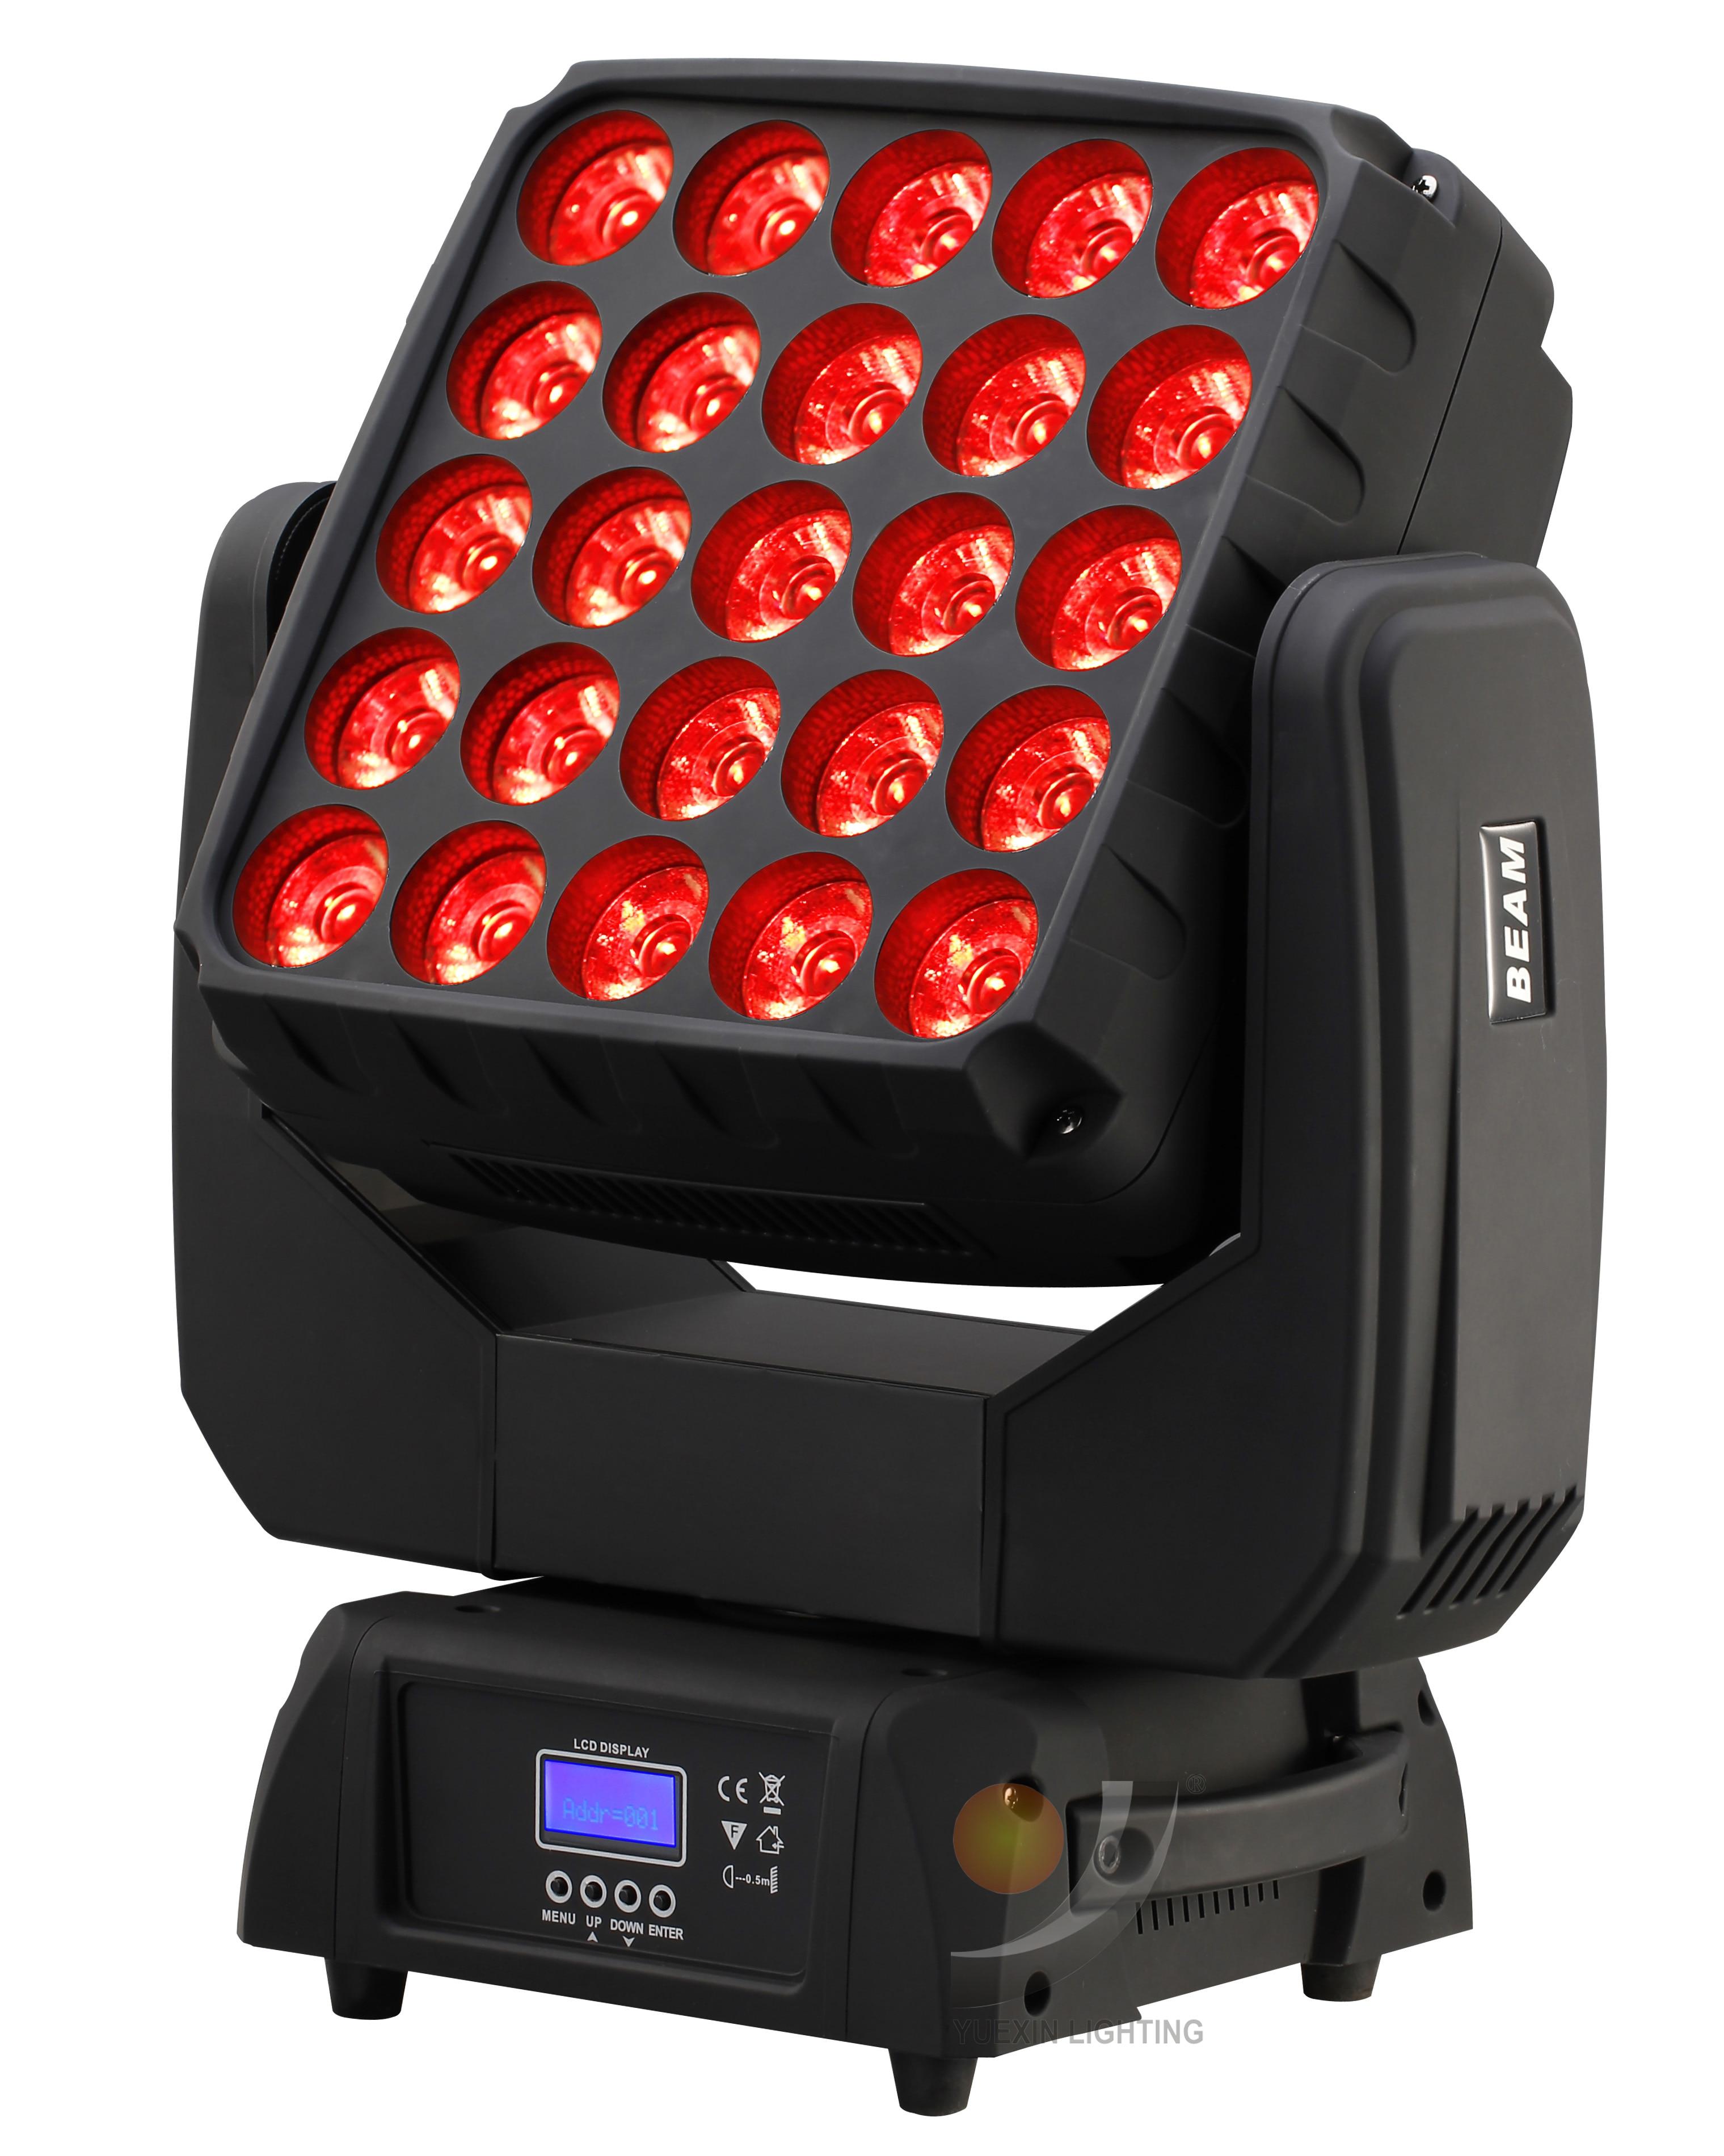 25x15 Вт Матричный светодиодный прожектор с поворотной головкой для DJ Disco